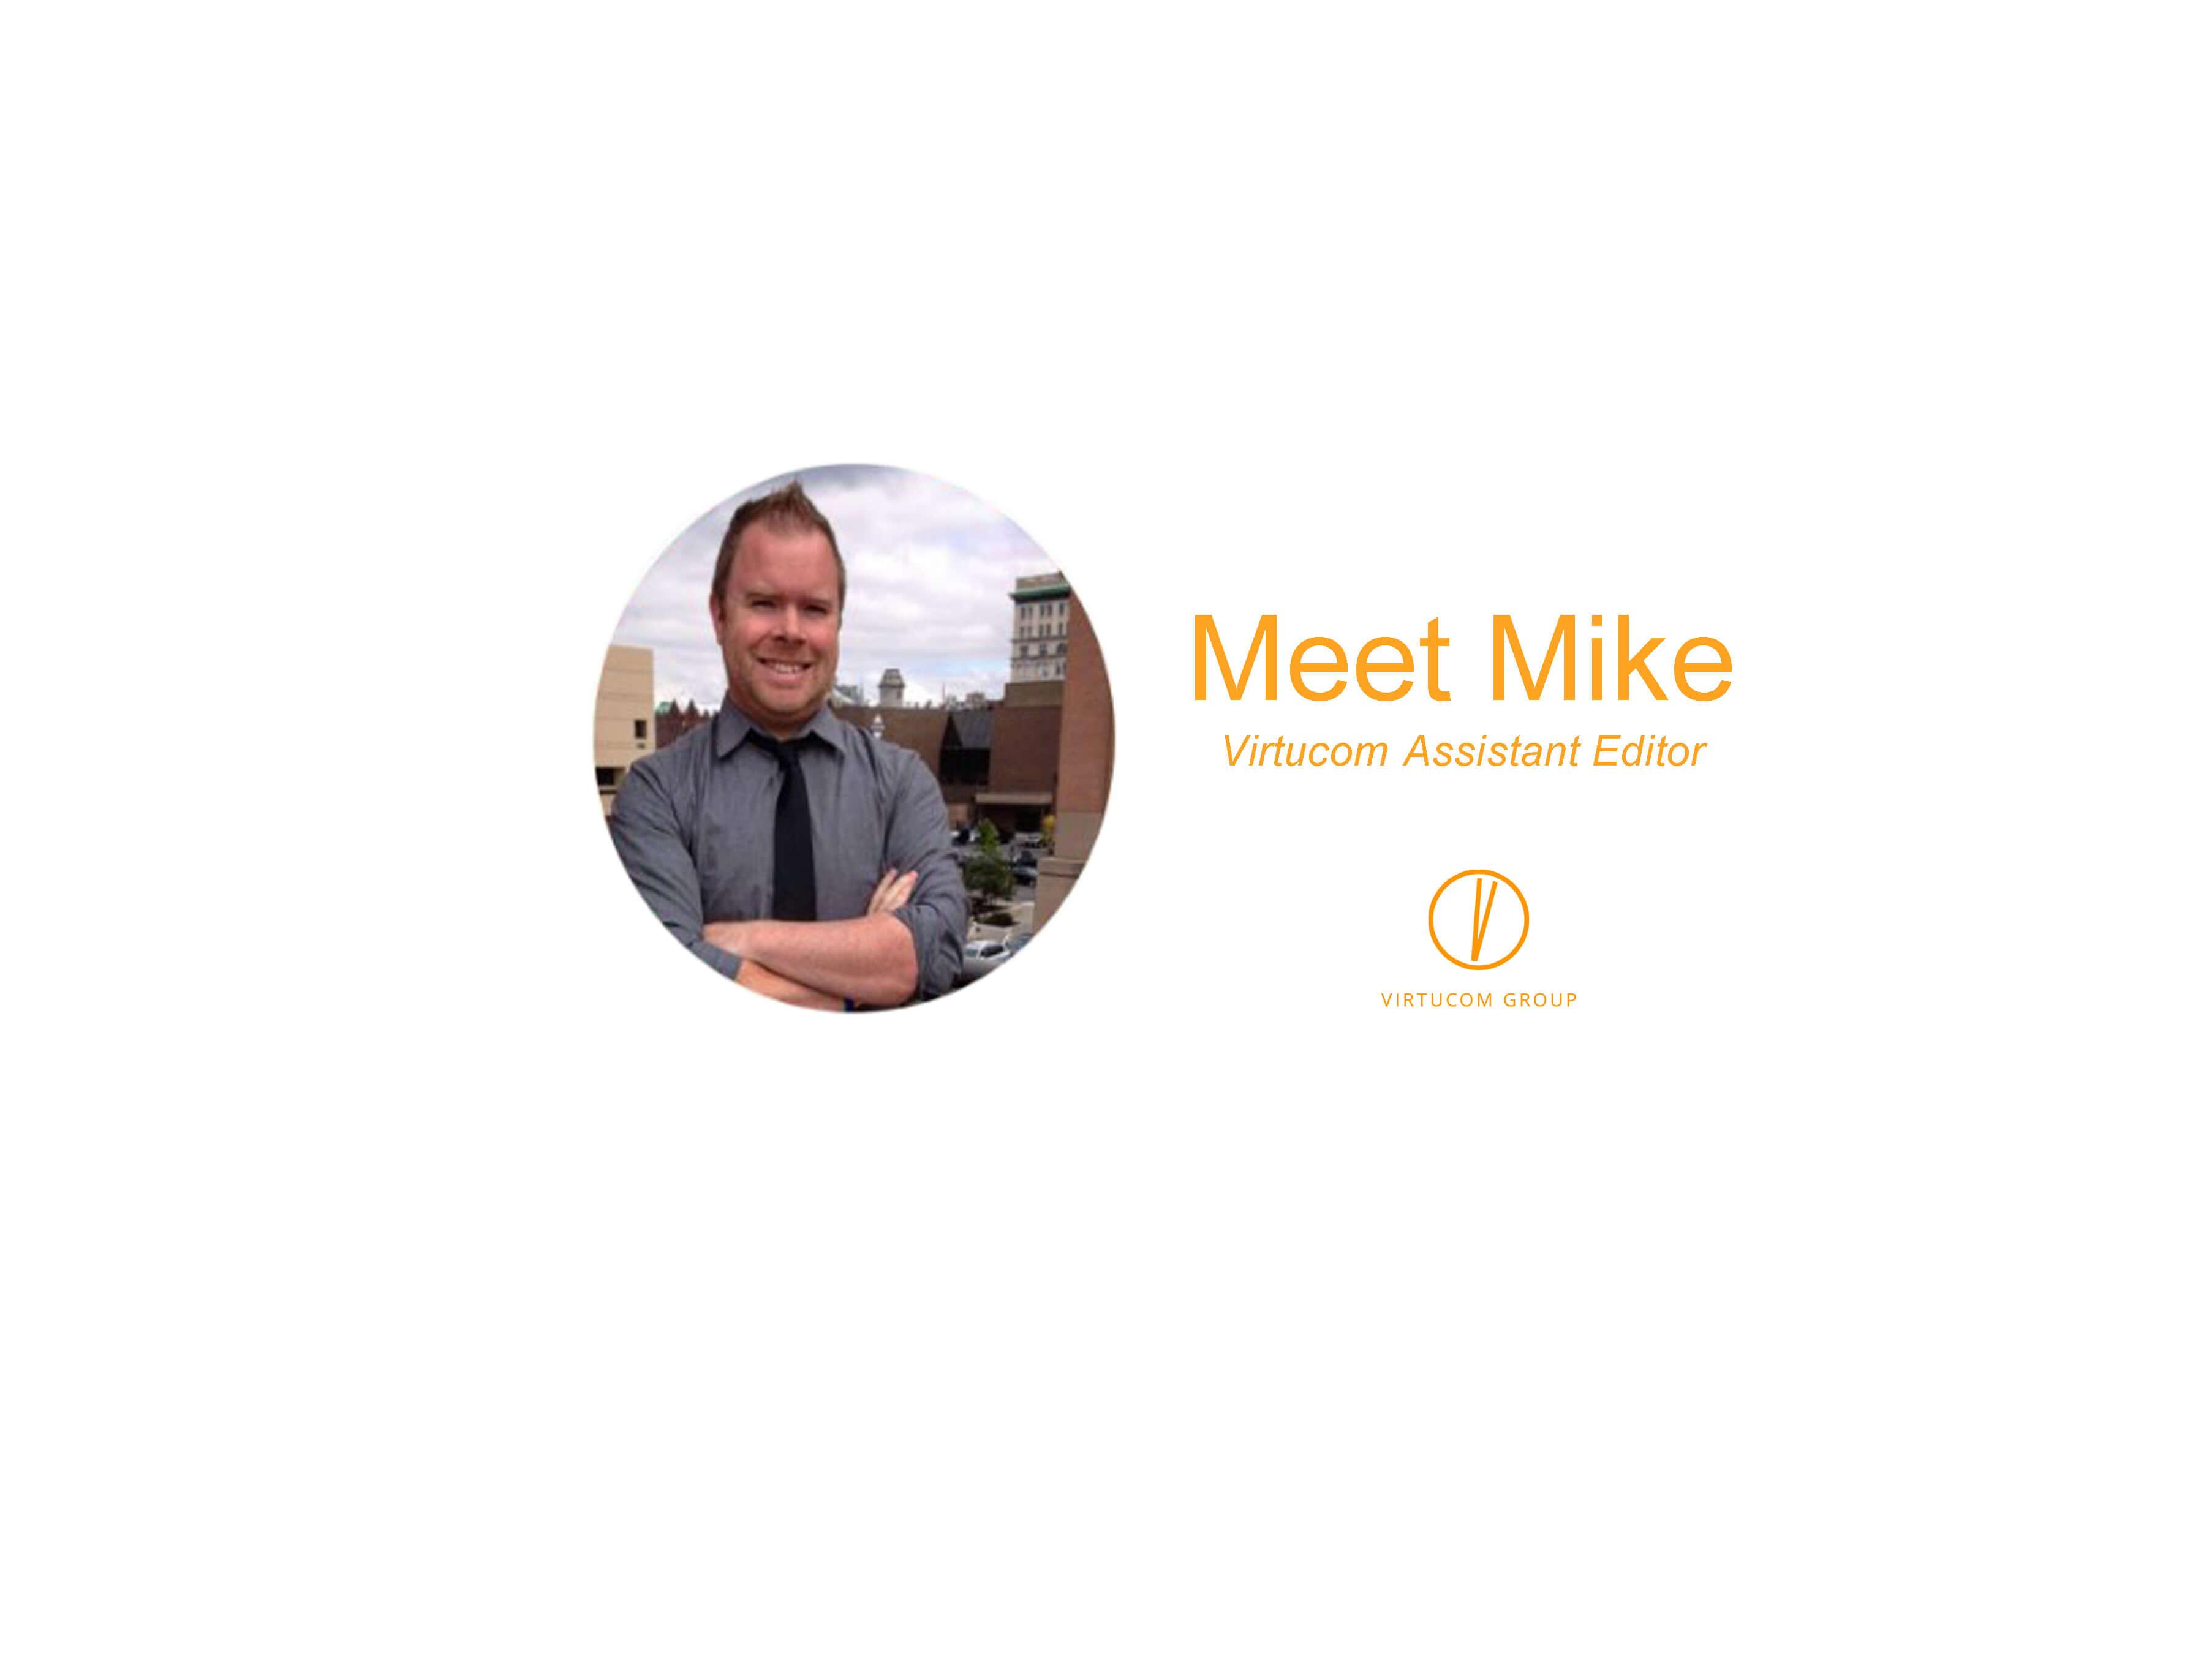 meet-mike.jpg